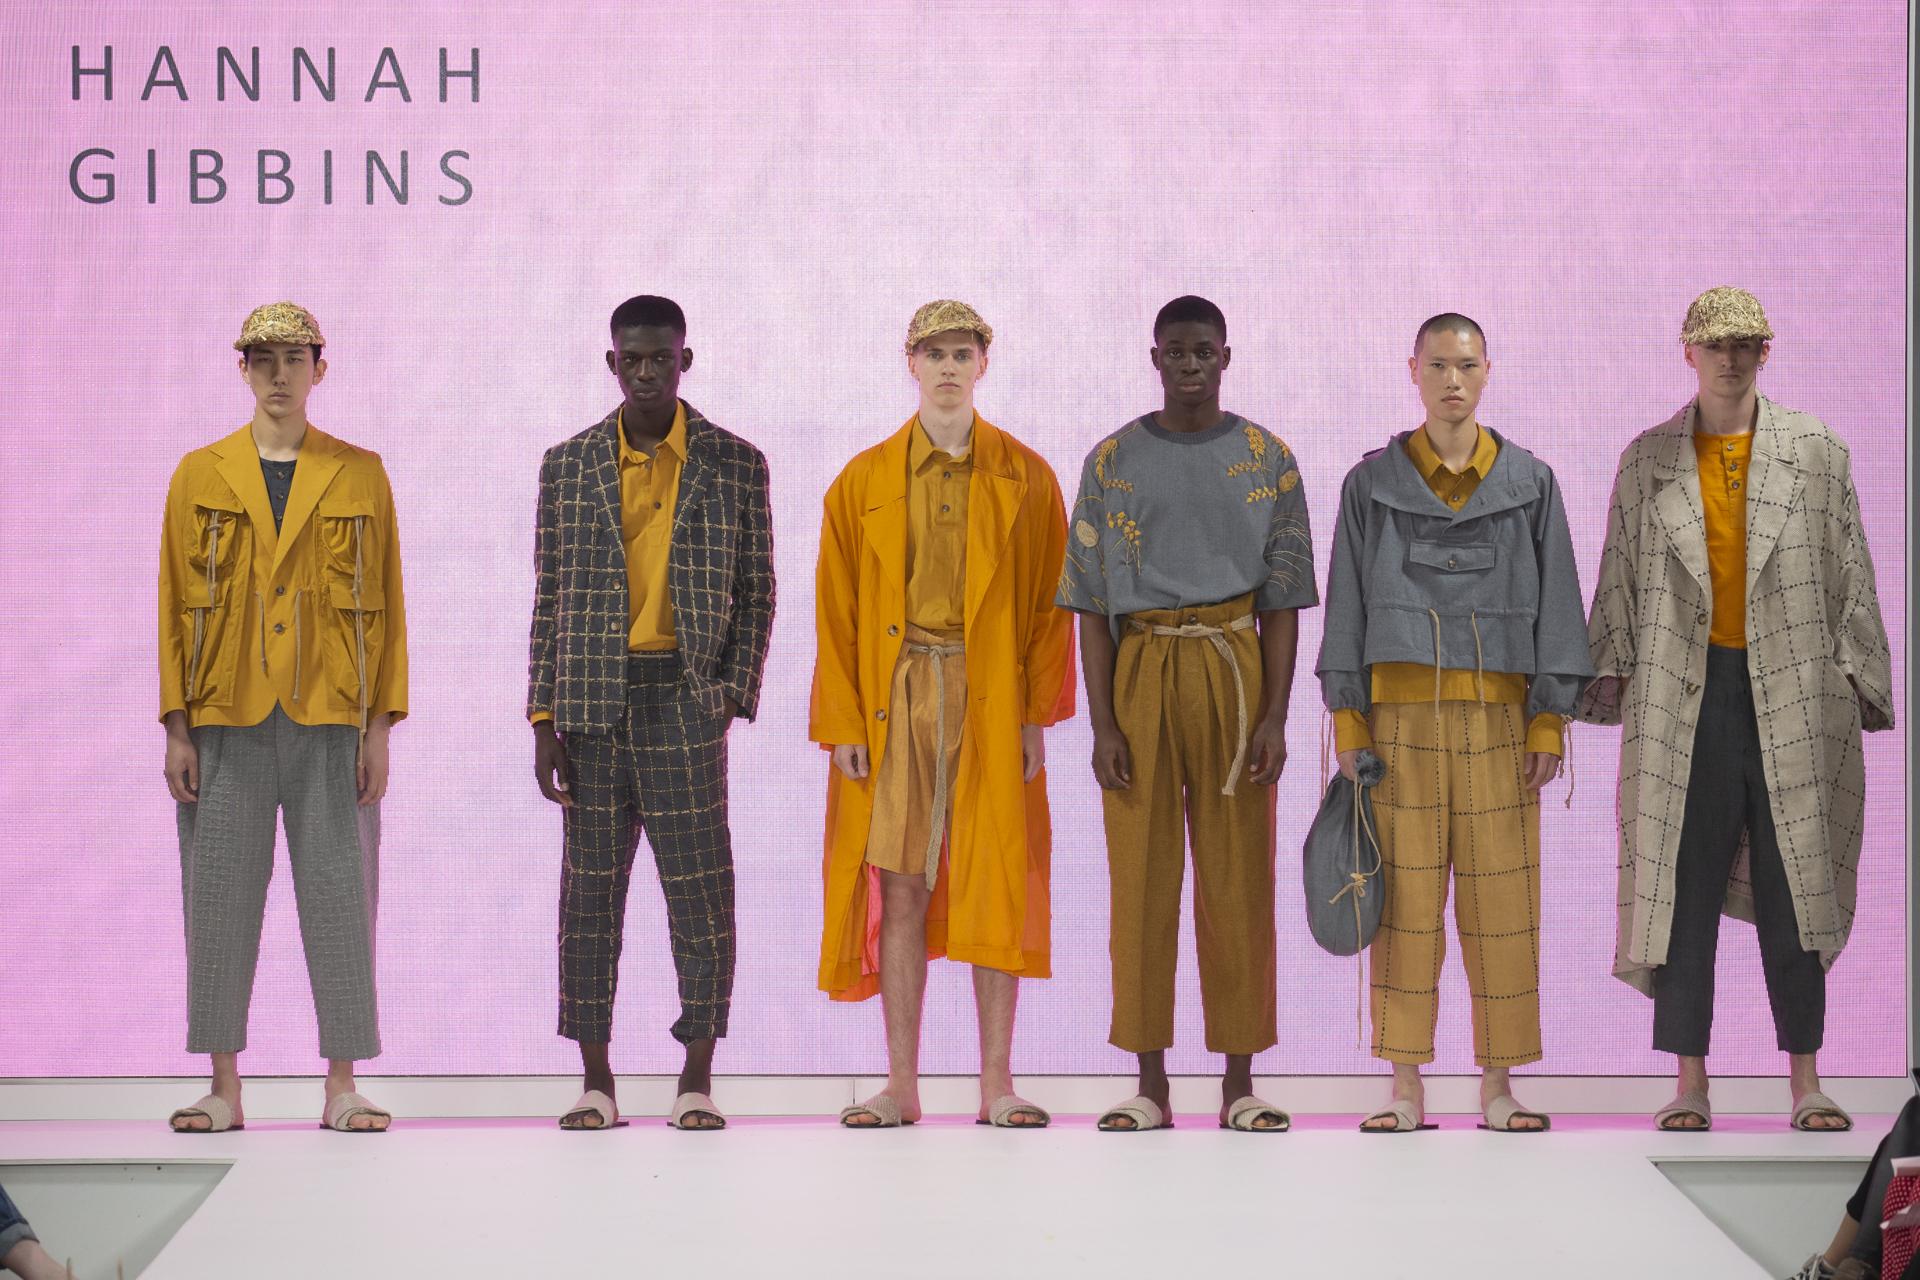 Hannah Gibbins collection at London's Graduate Fashion Week